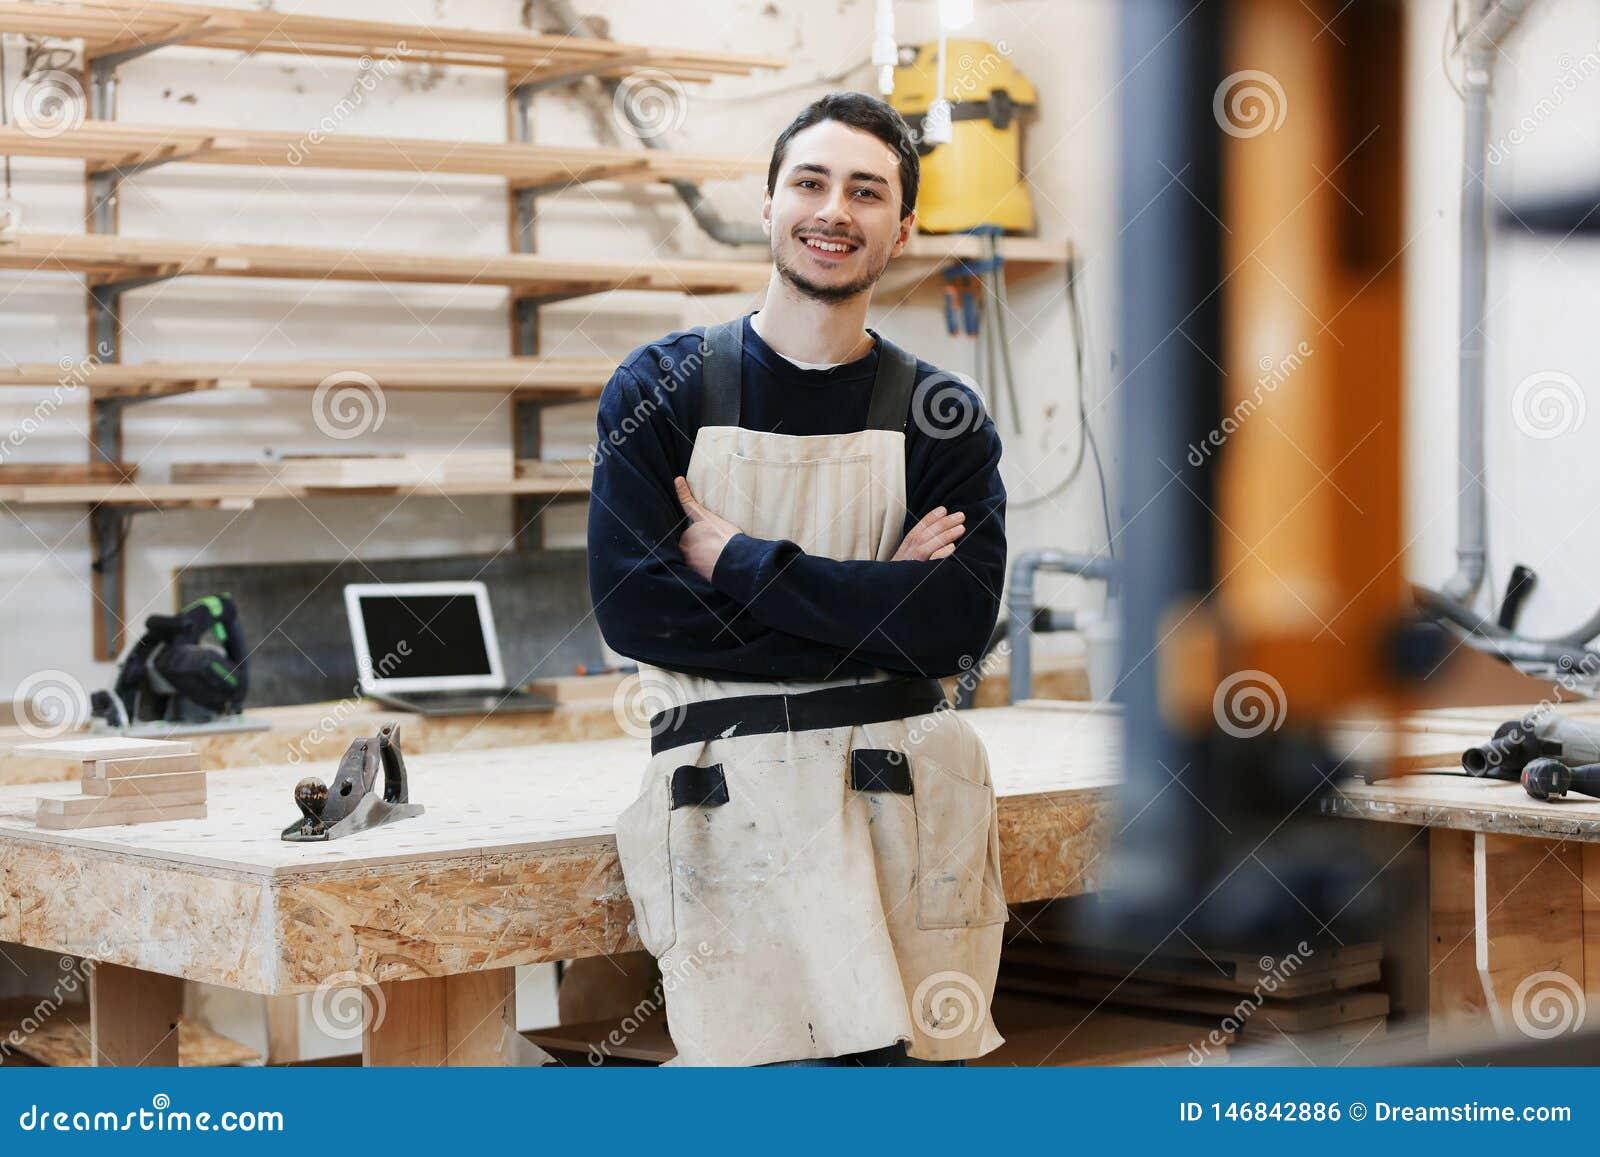 Das Porträt des Tischlers in der Arbeitskleidung vor Werktisch Porträt des lächelnden Mannes bei der Arbeit in der Tischlerwerkst